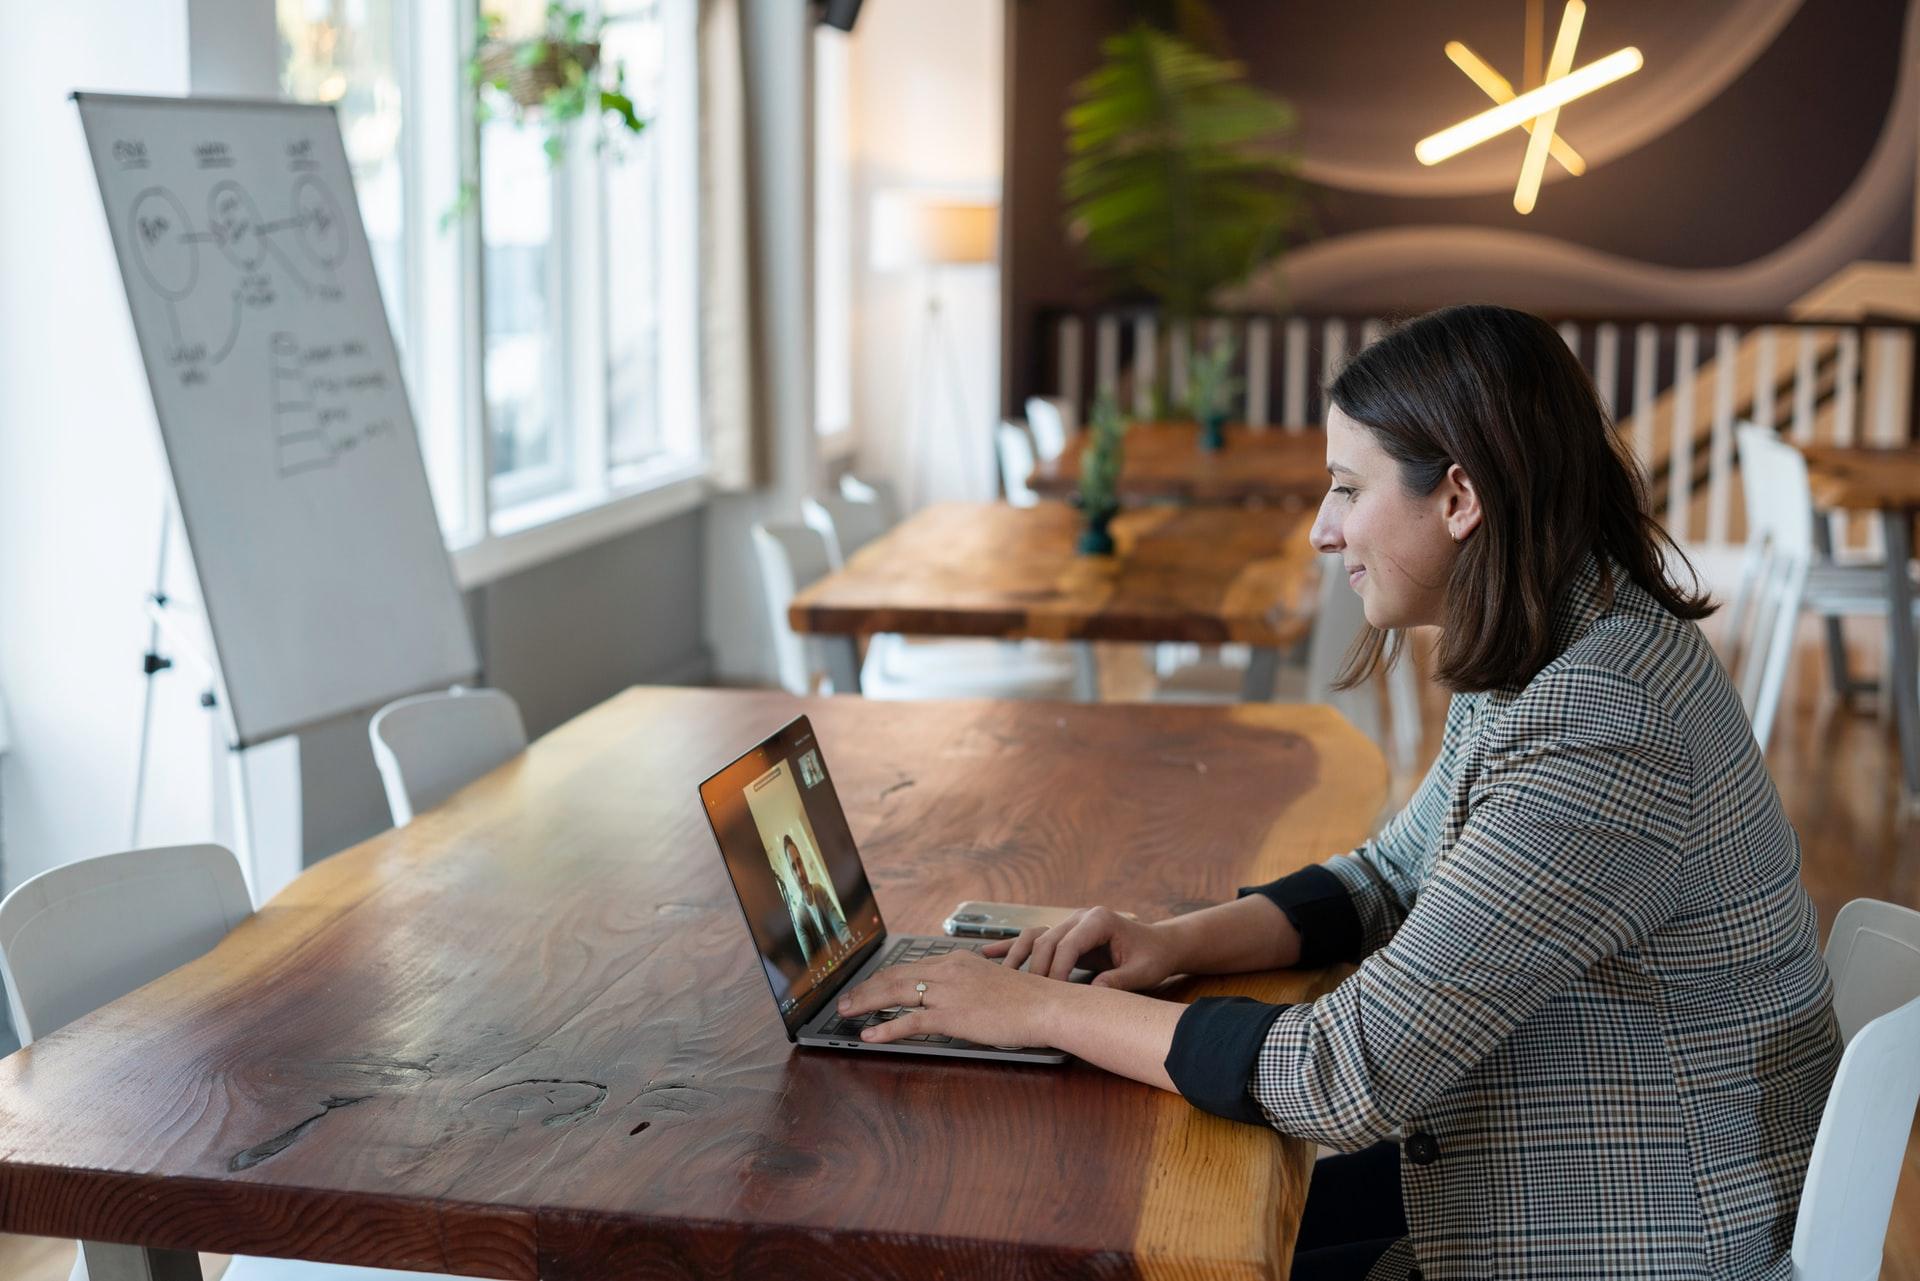 Mulher trabalhando olhando para a tela do notebook.